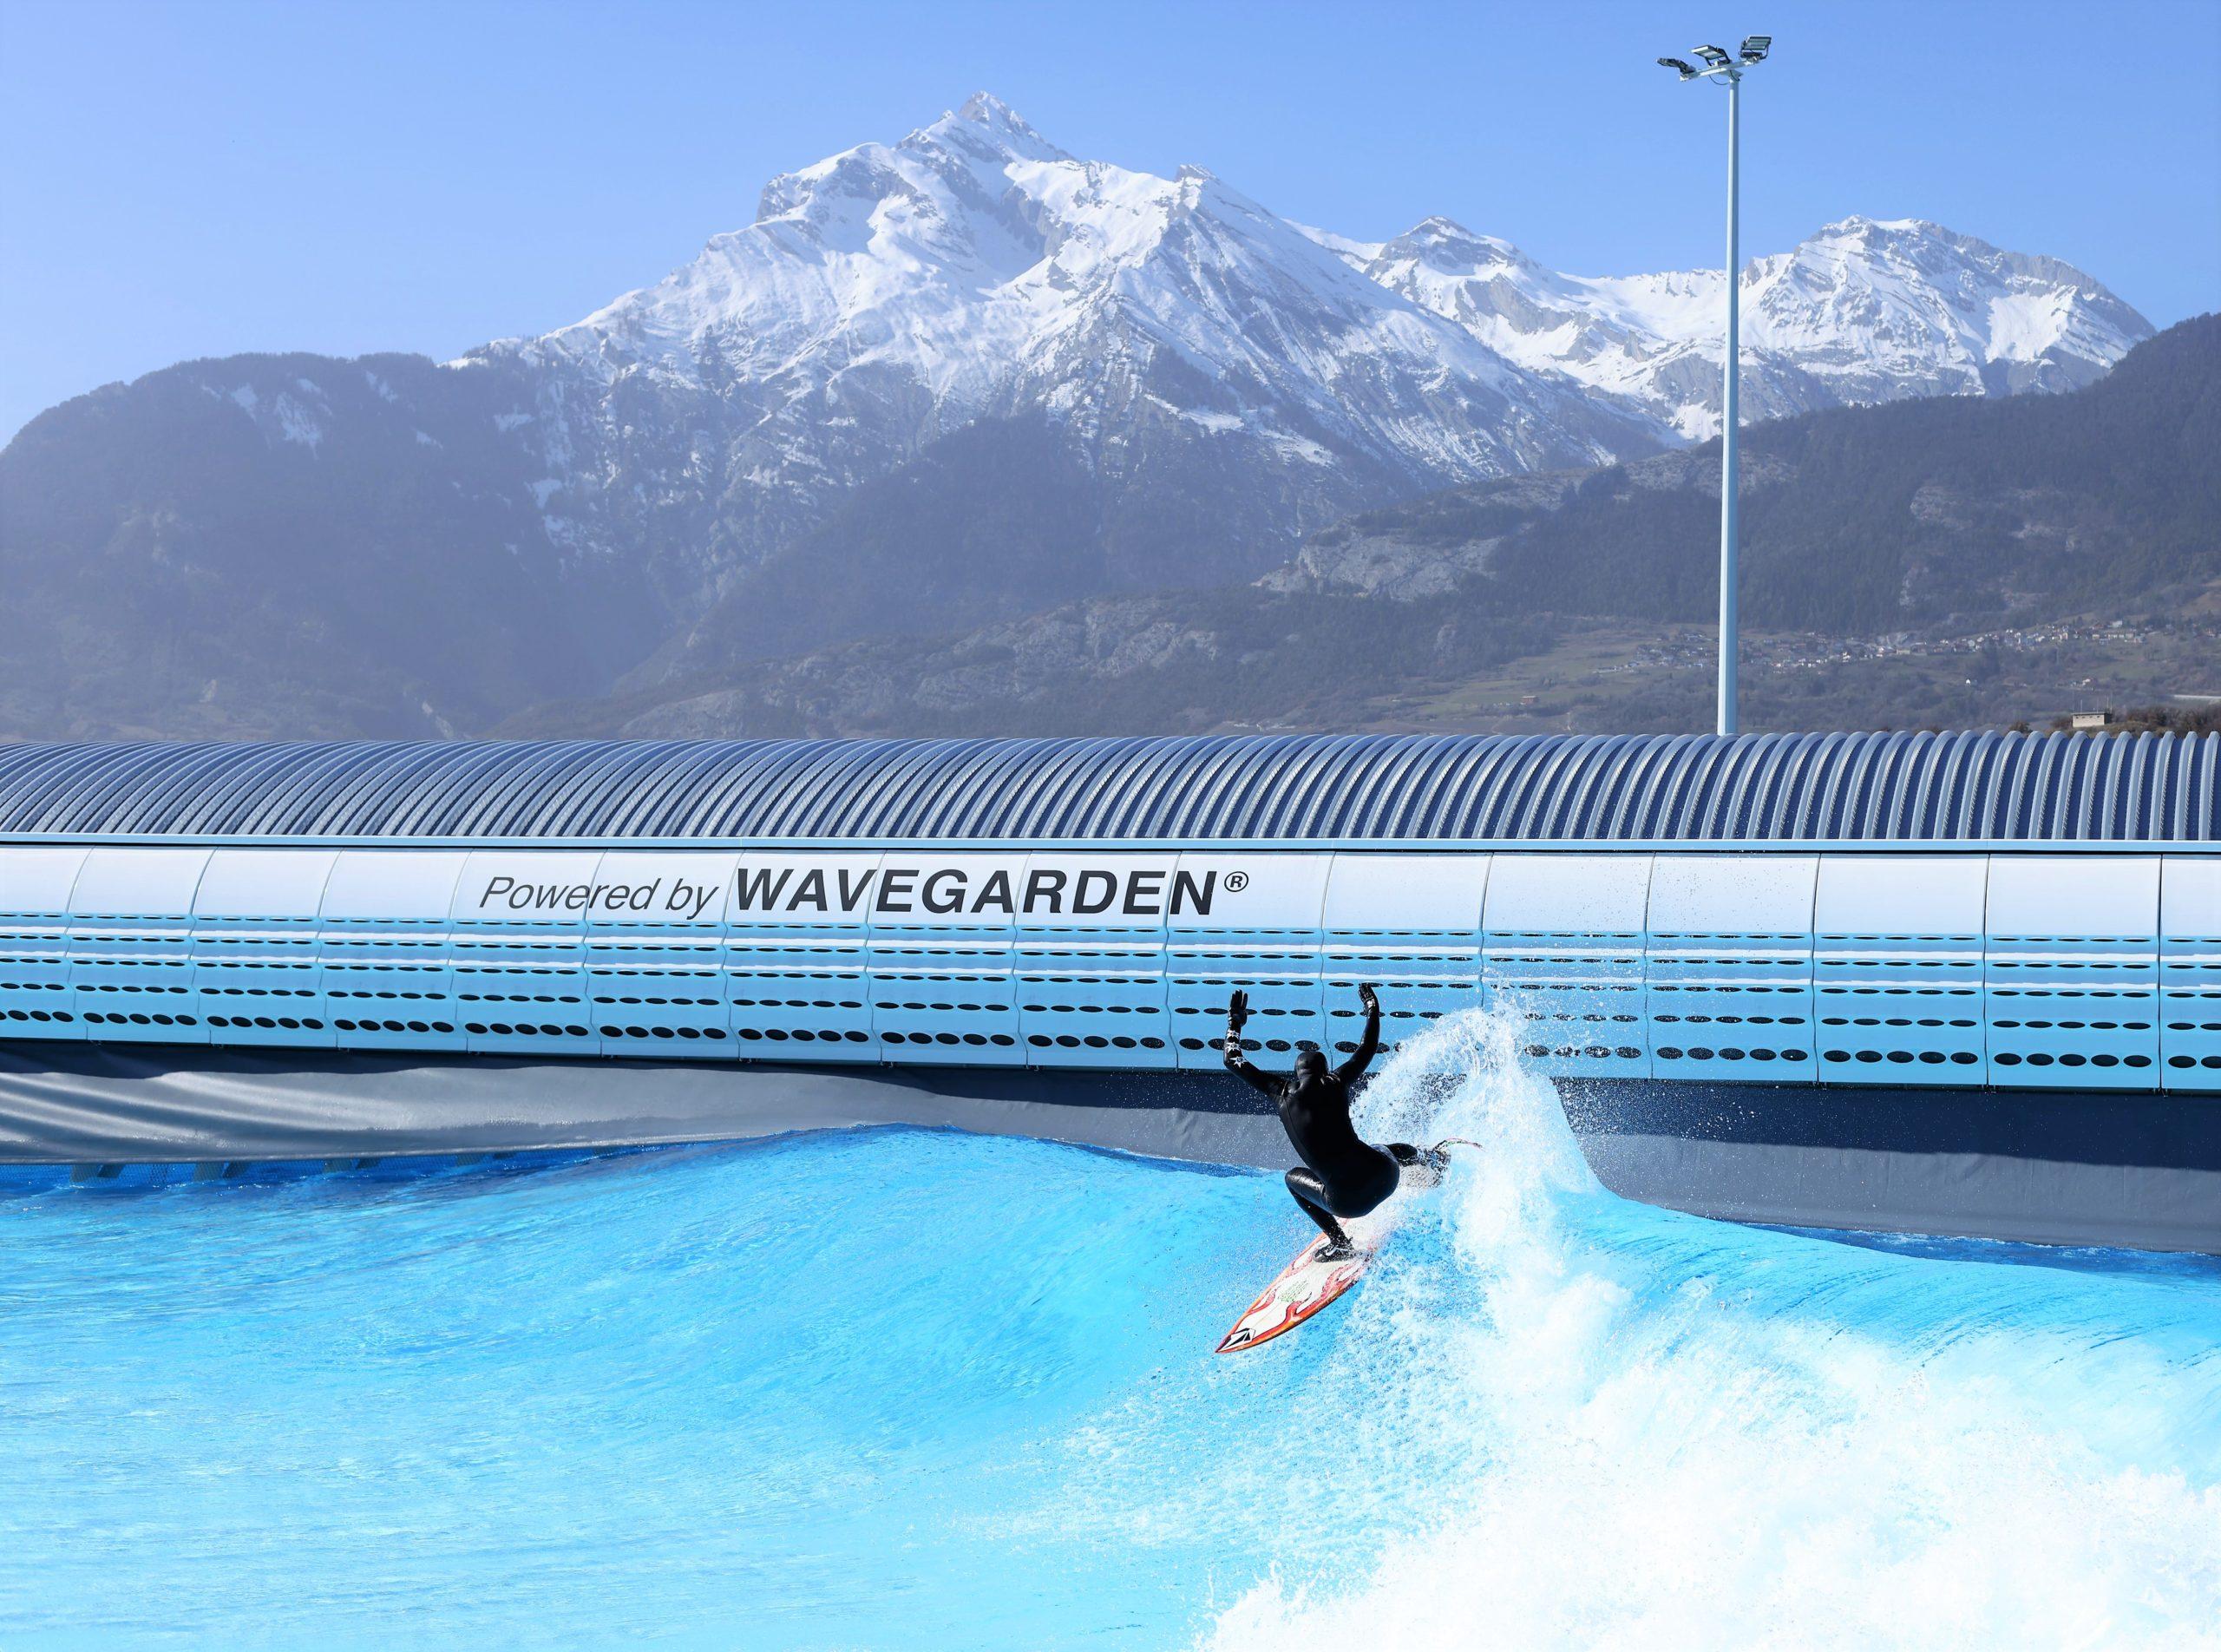 Wavegarden Surfing in Swiss Alps